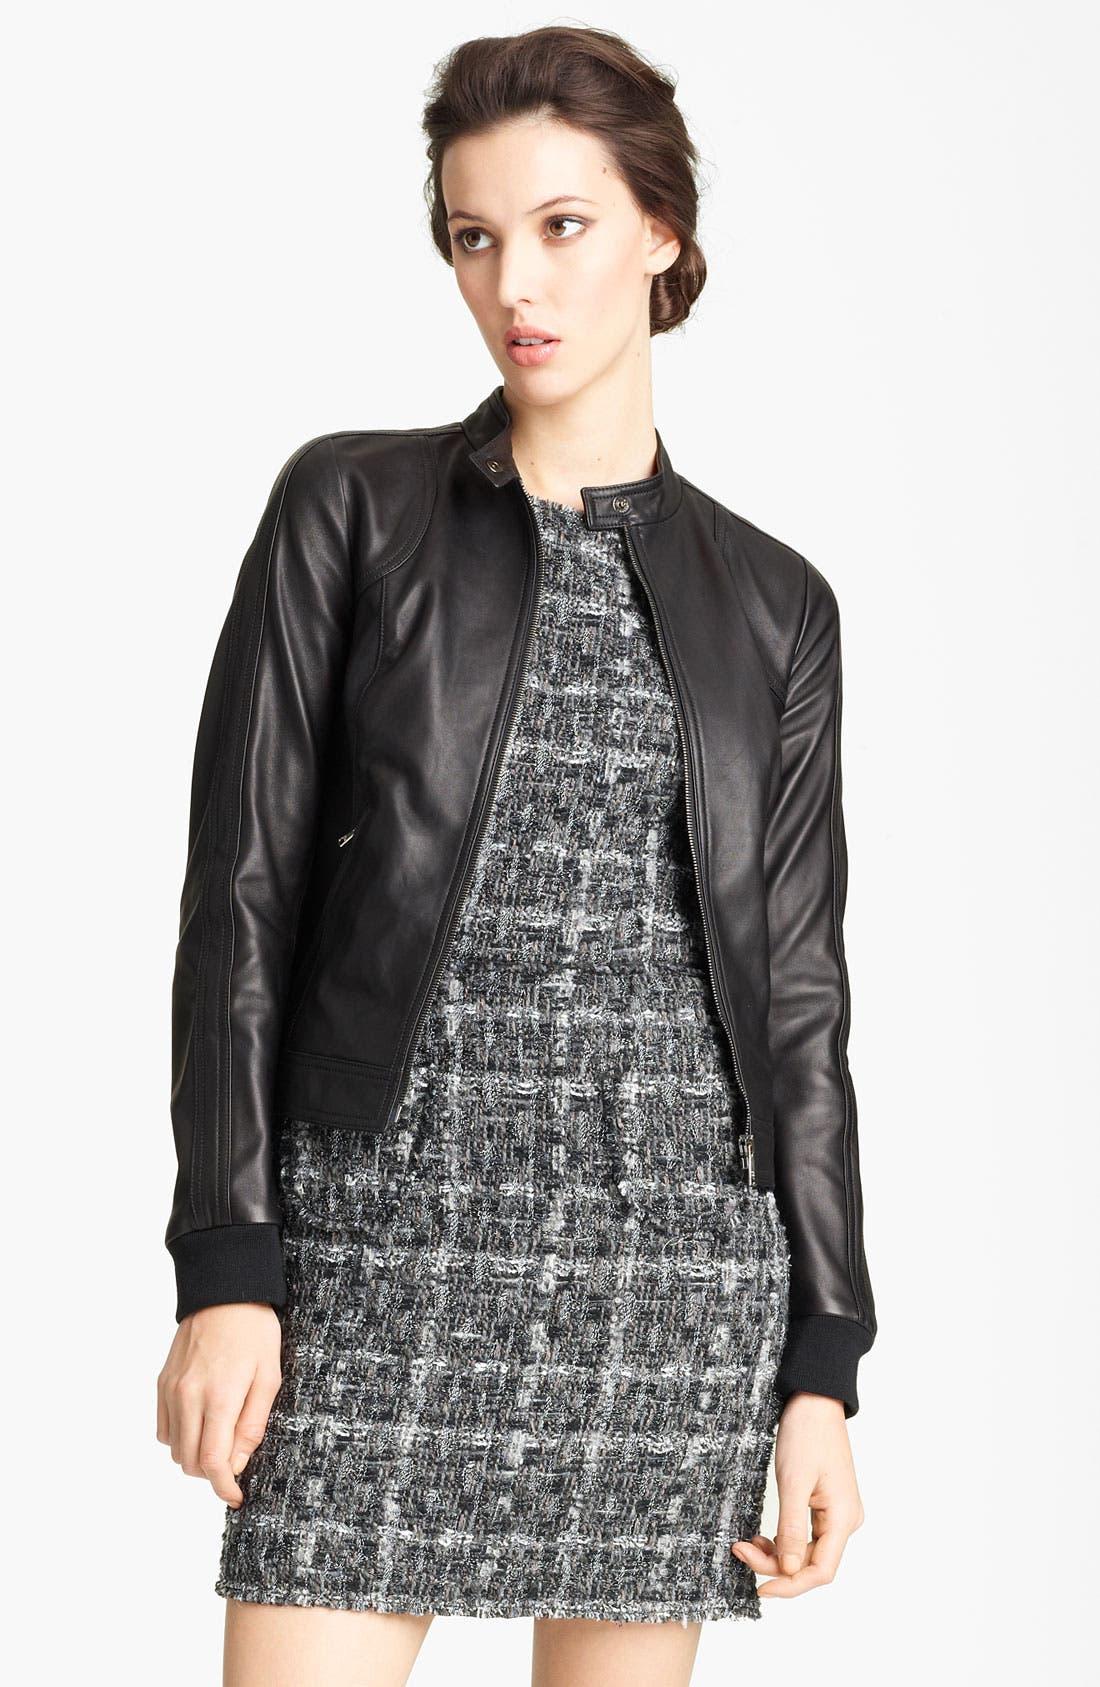 Alternate Image 1 Selected - Dolce&Gabbana Leather Jacket